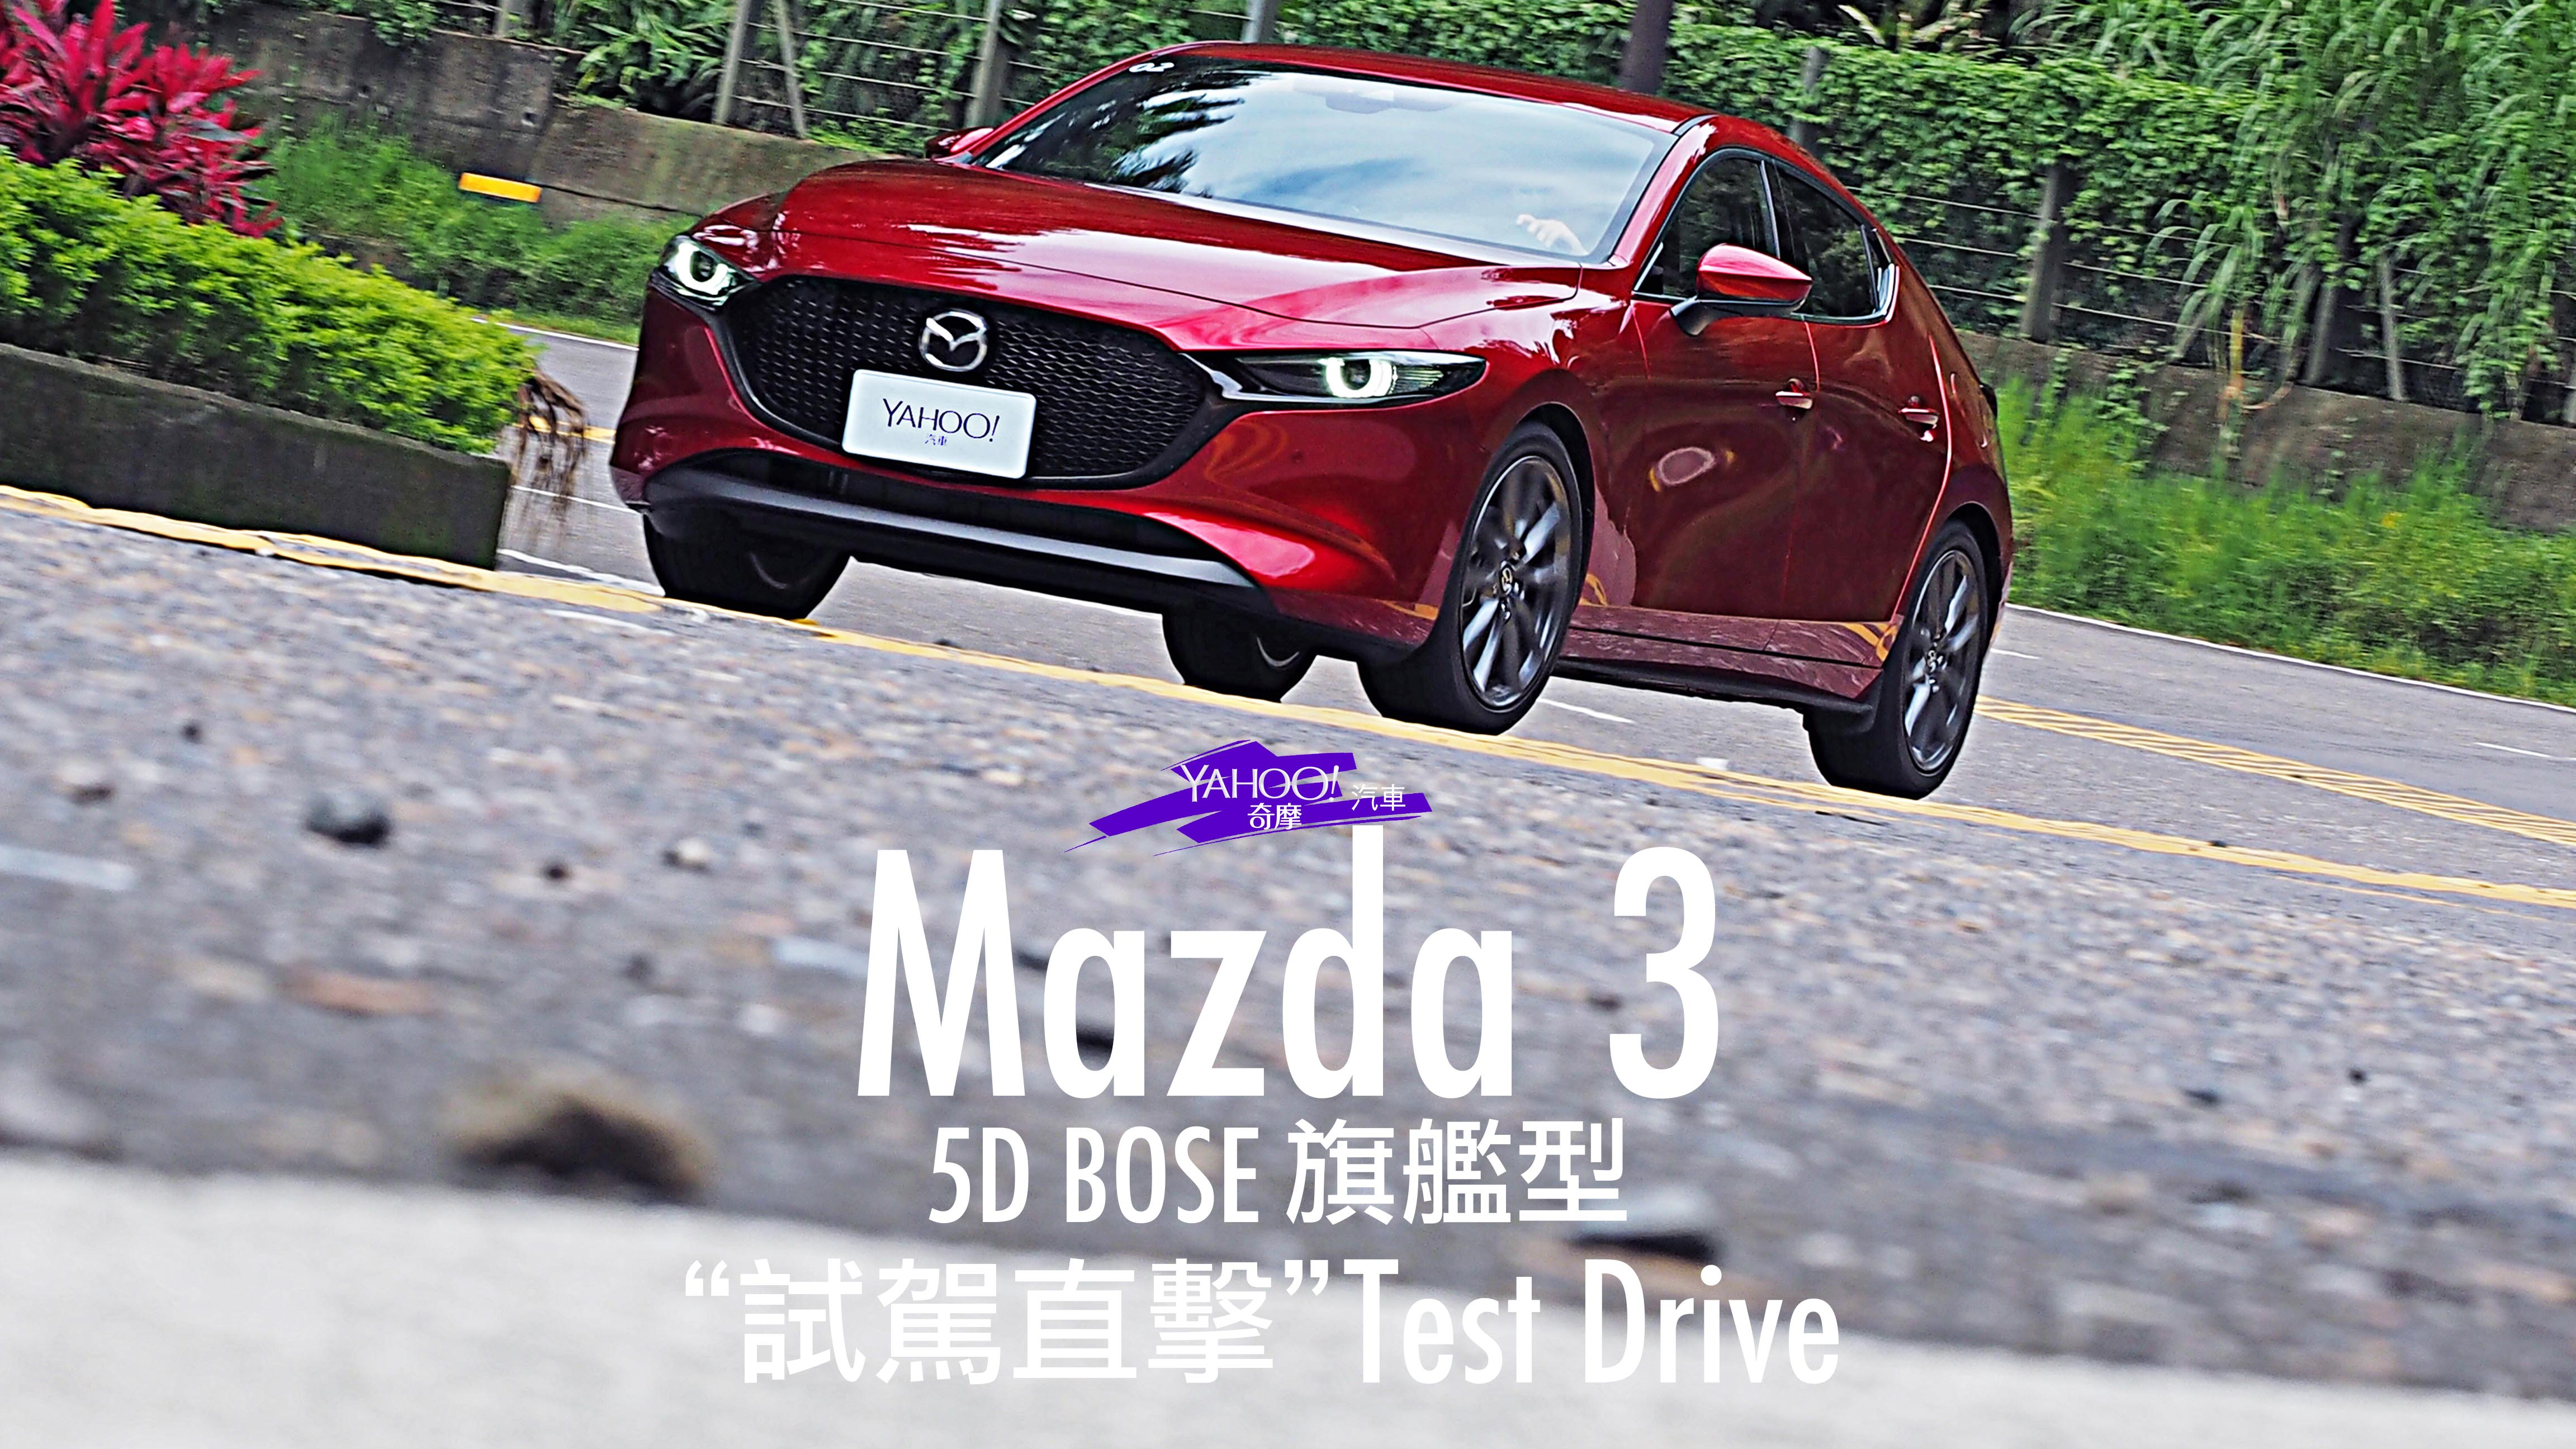 【試駕直擊】減法美學下的日系品味!2019 Mazda 3五門BOSE旗艦型山區試駕